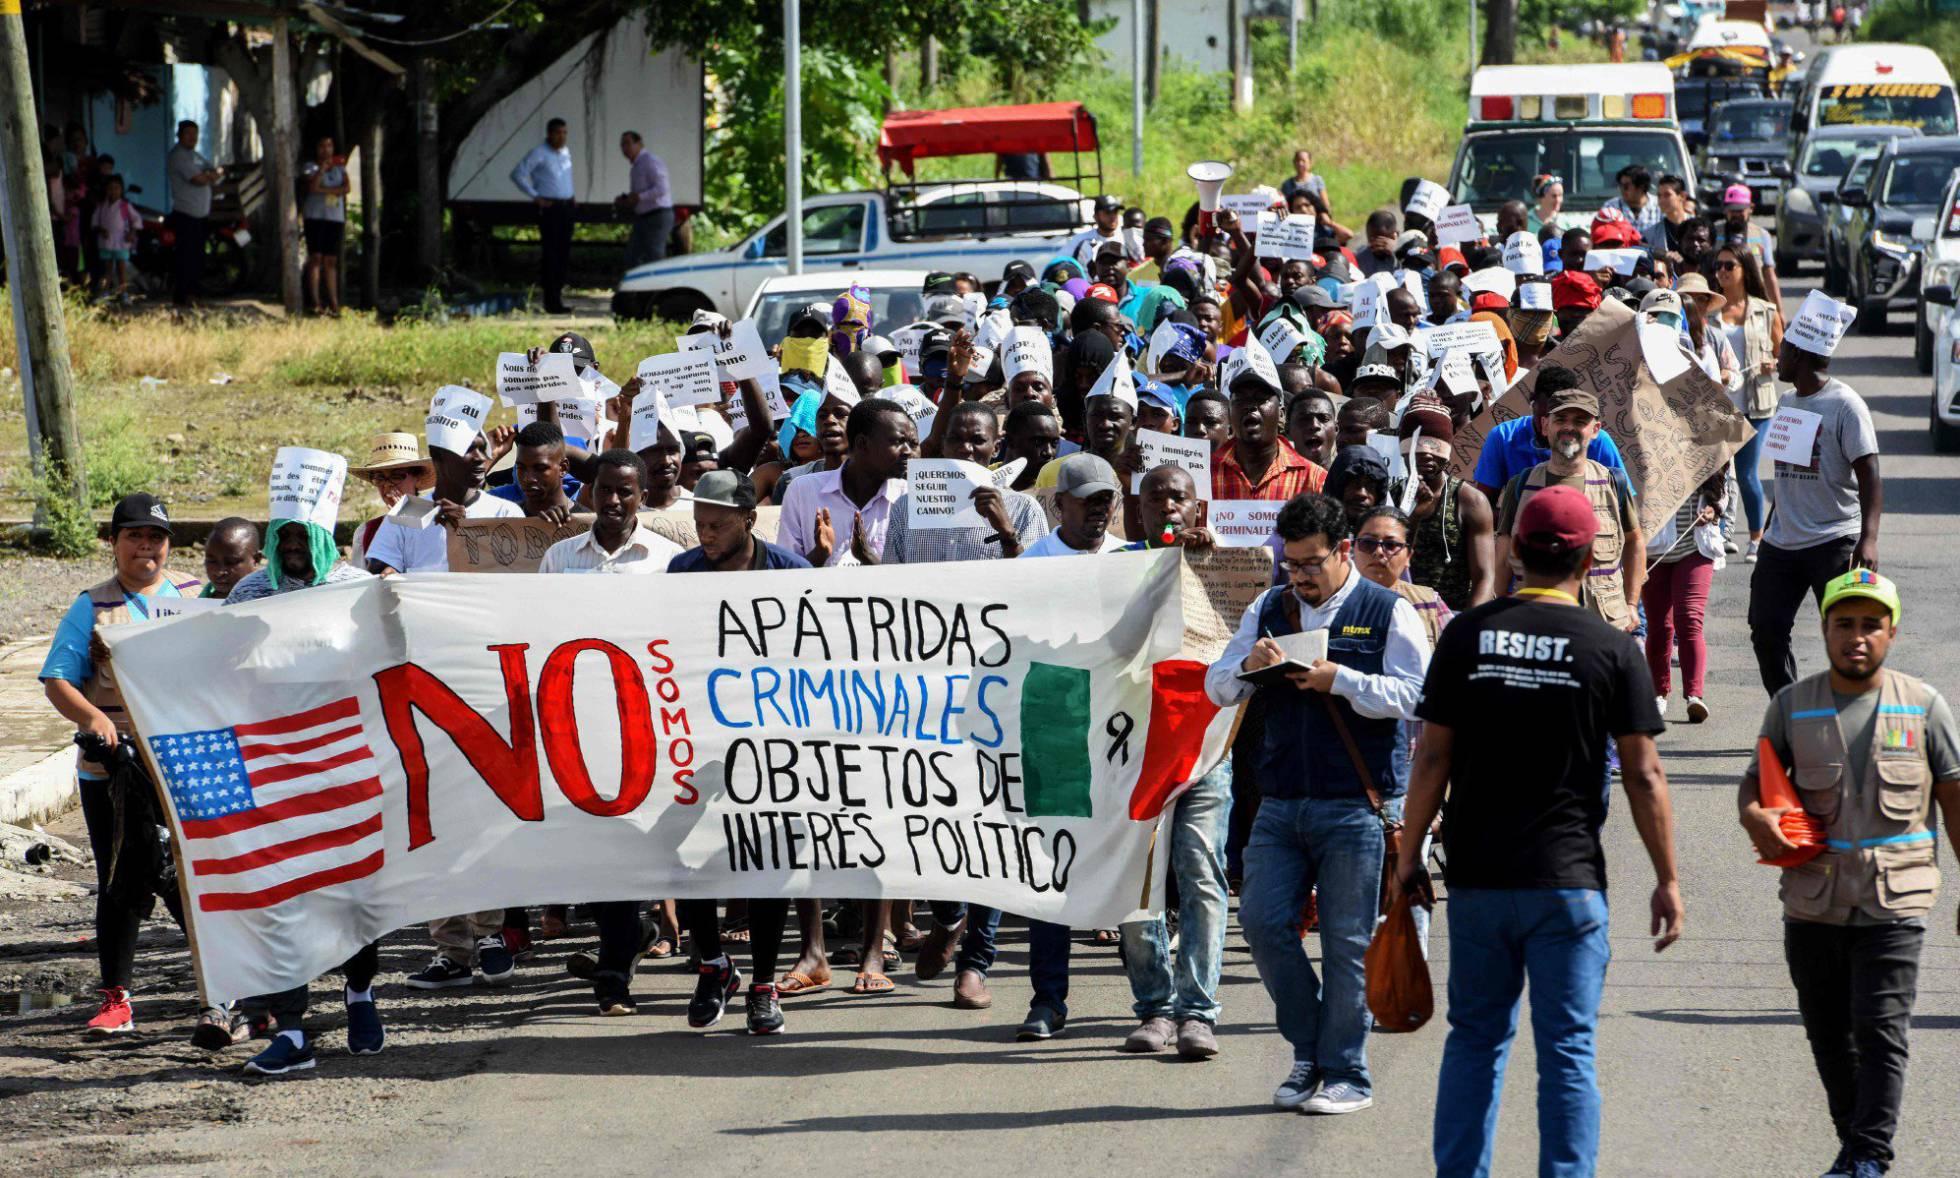 La inmigración irregular a EE UU cae un 56% desde la amenaza arancelaria de Trump a México